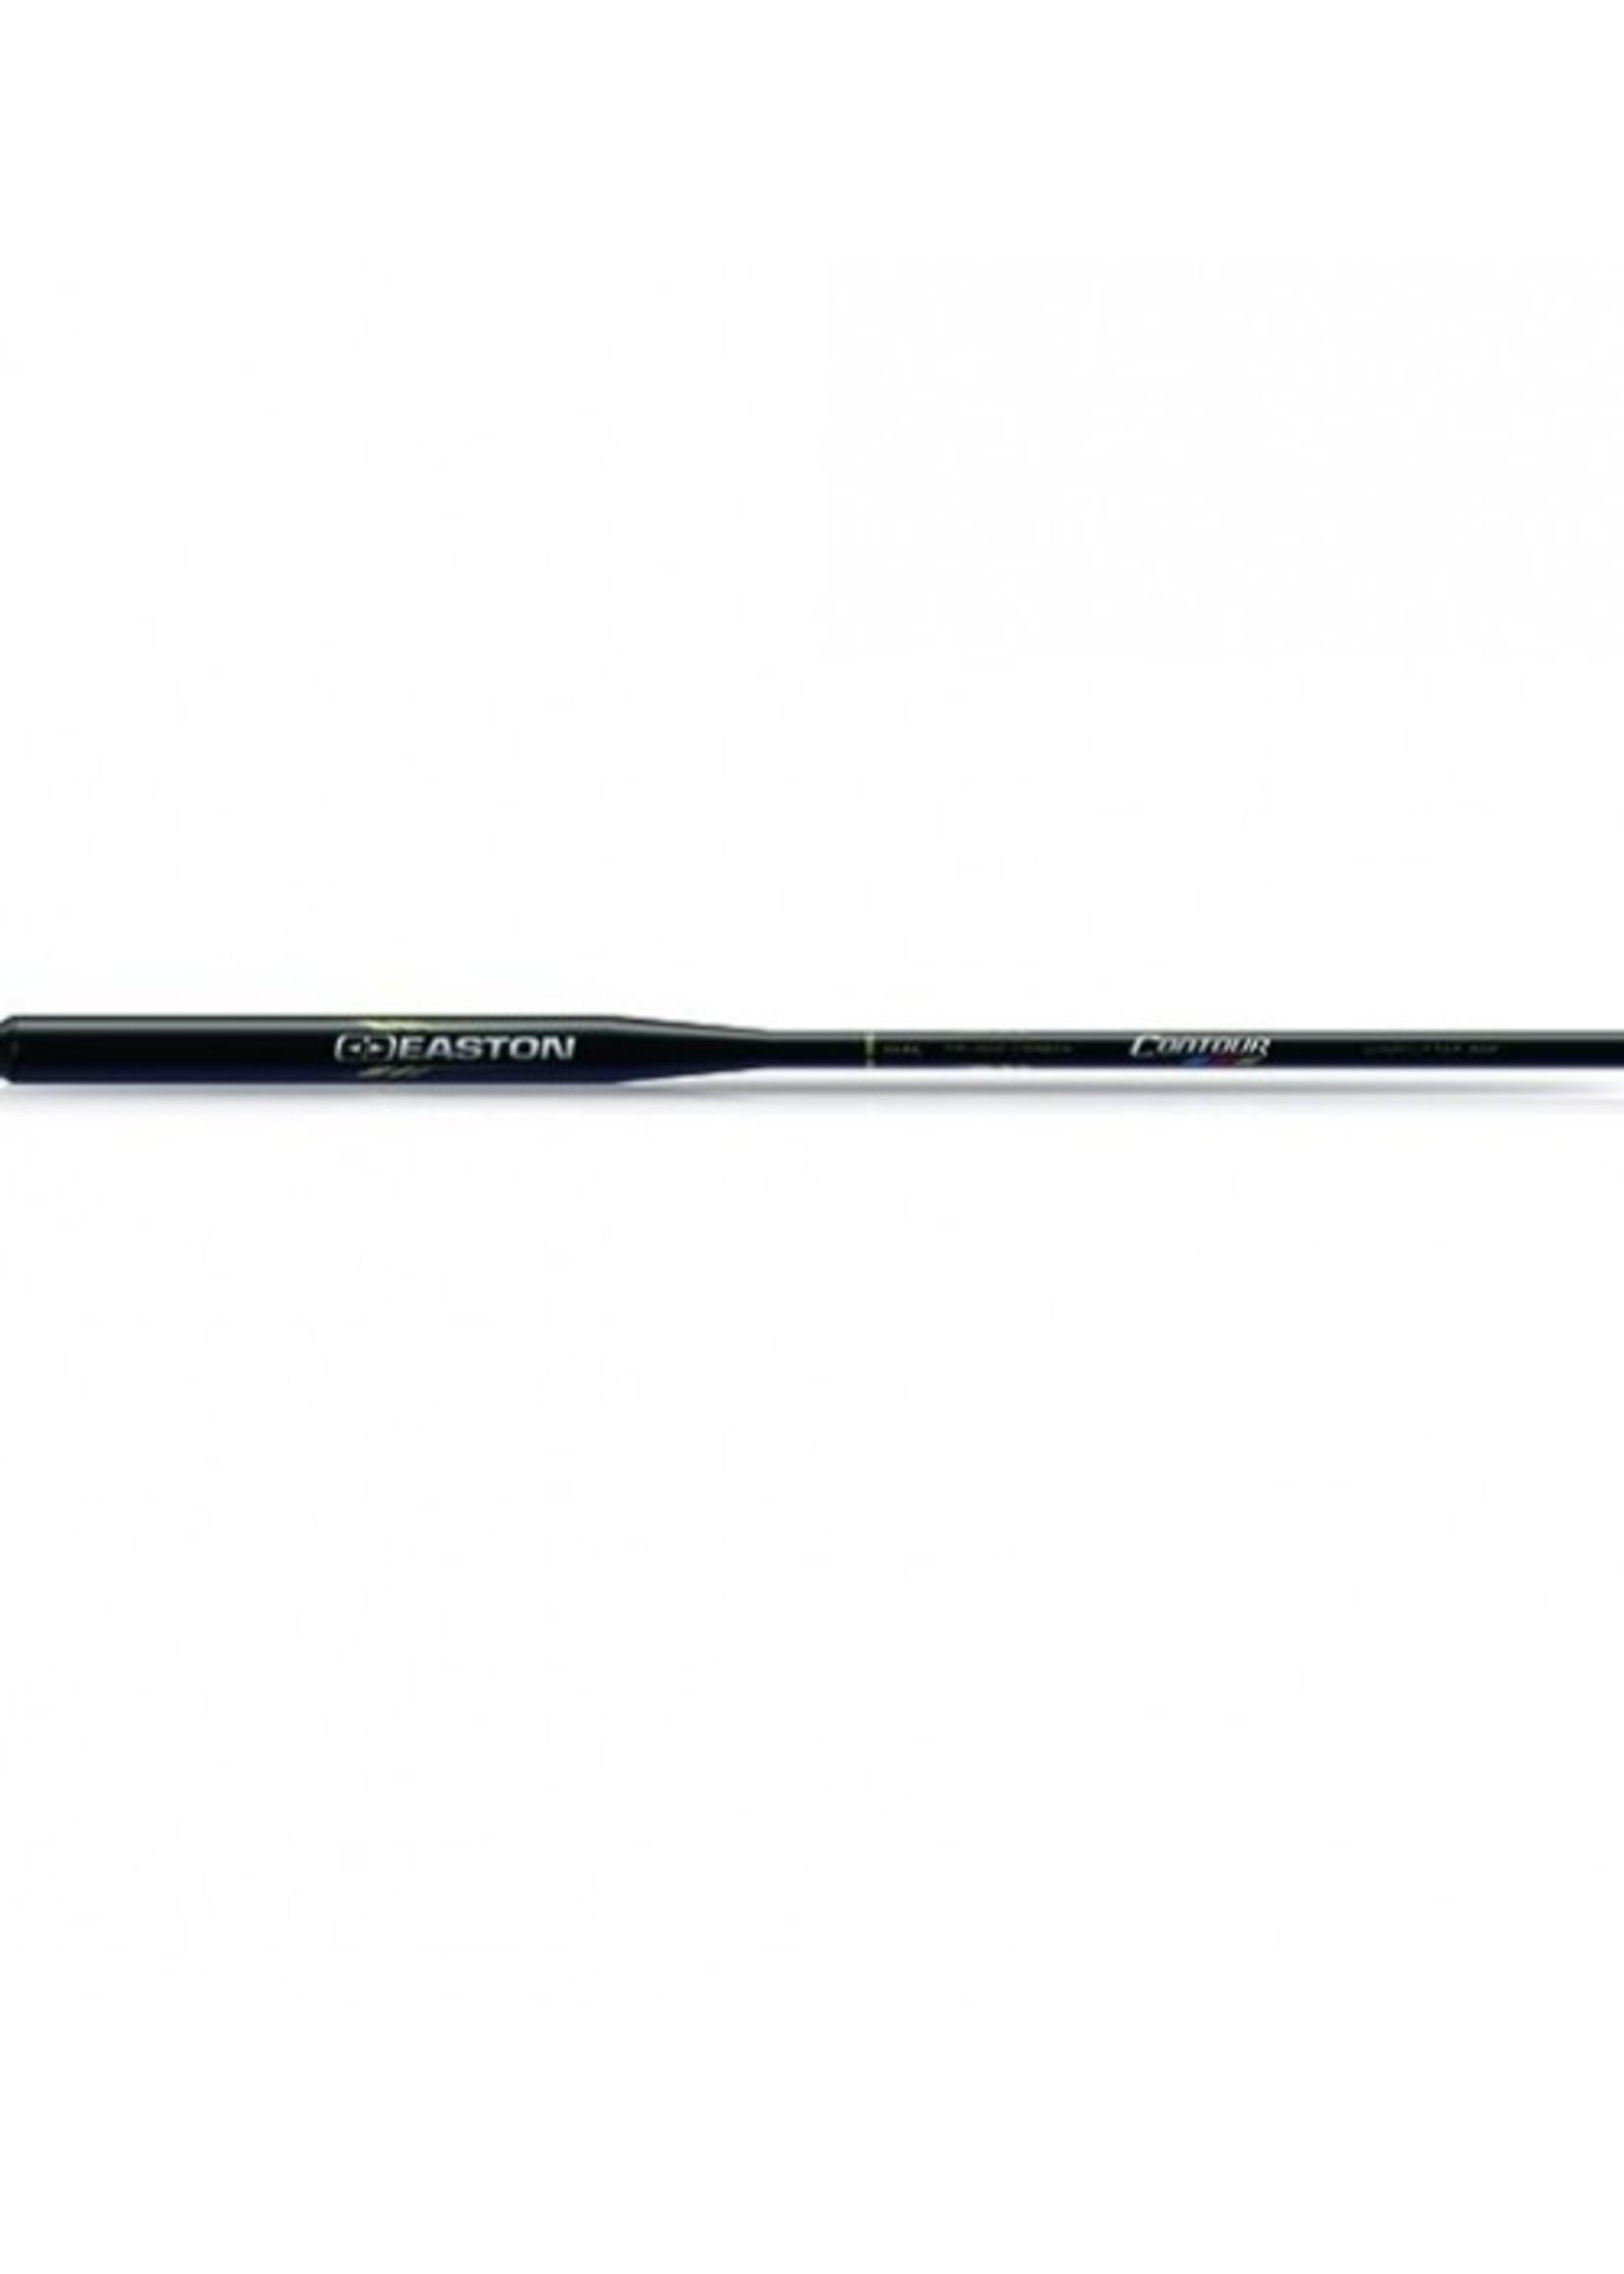 Easton Archery Easton Contour Stabilizer Long